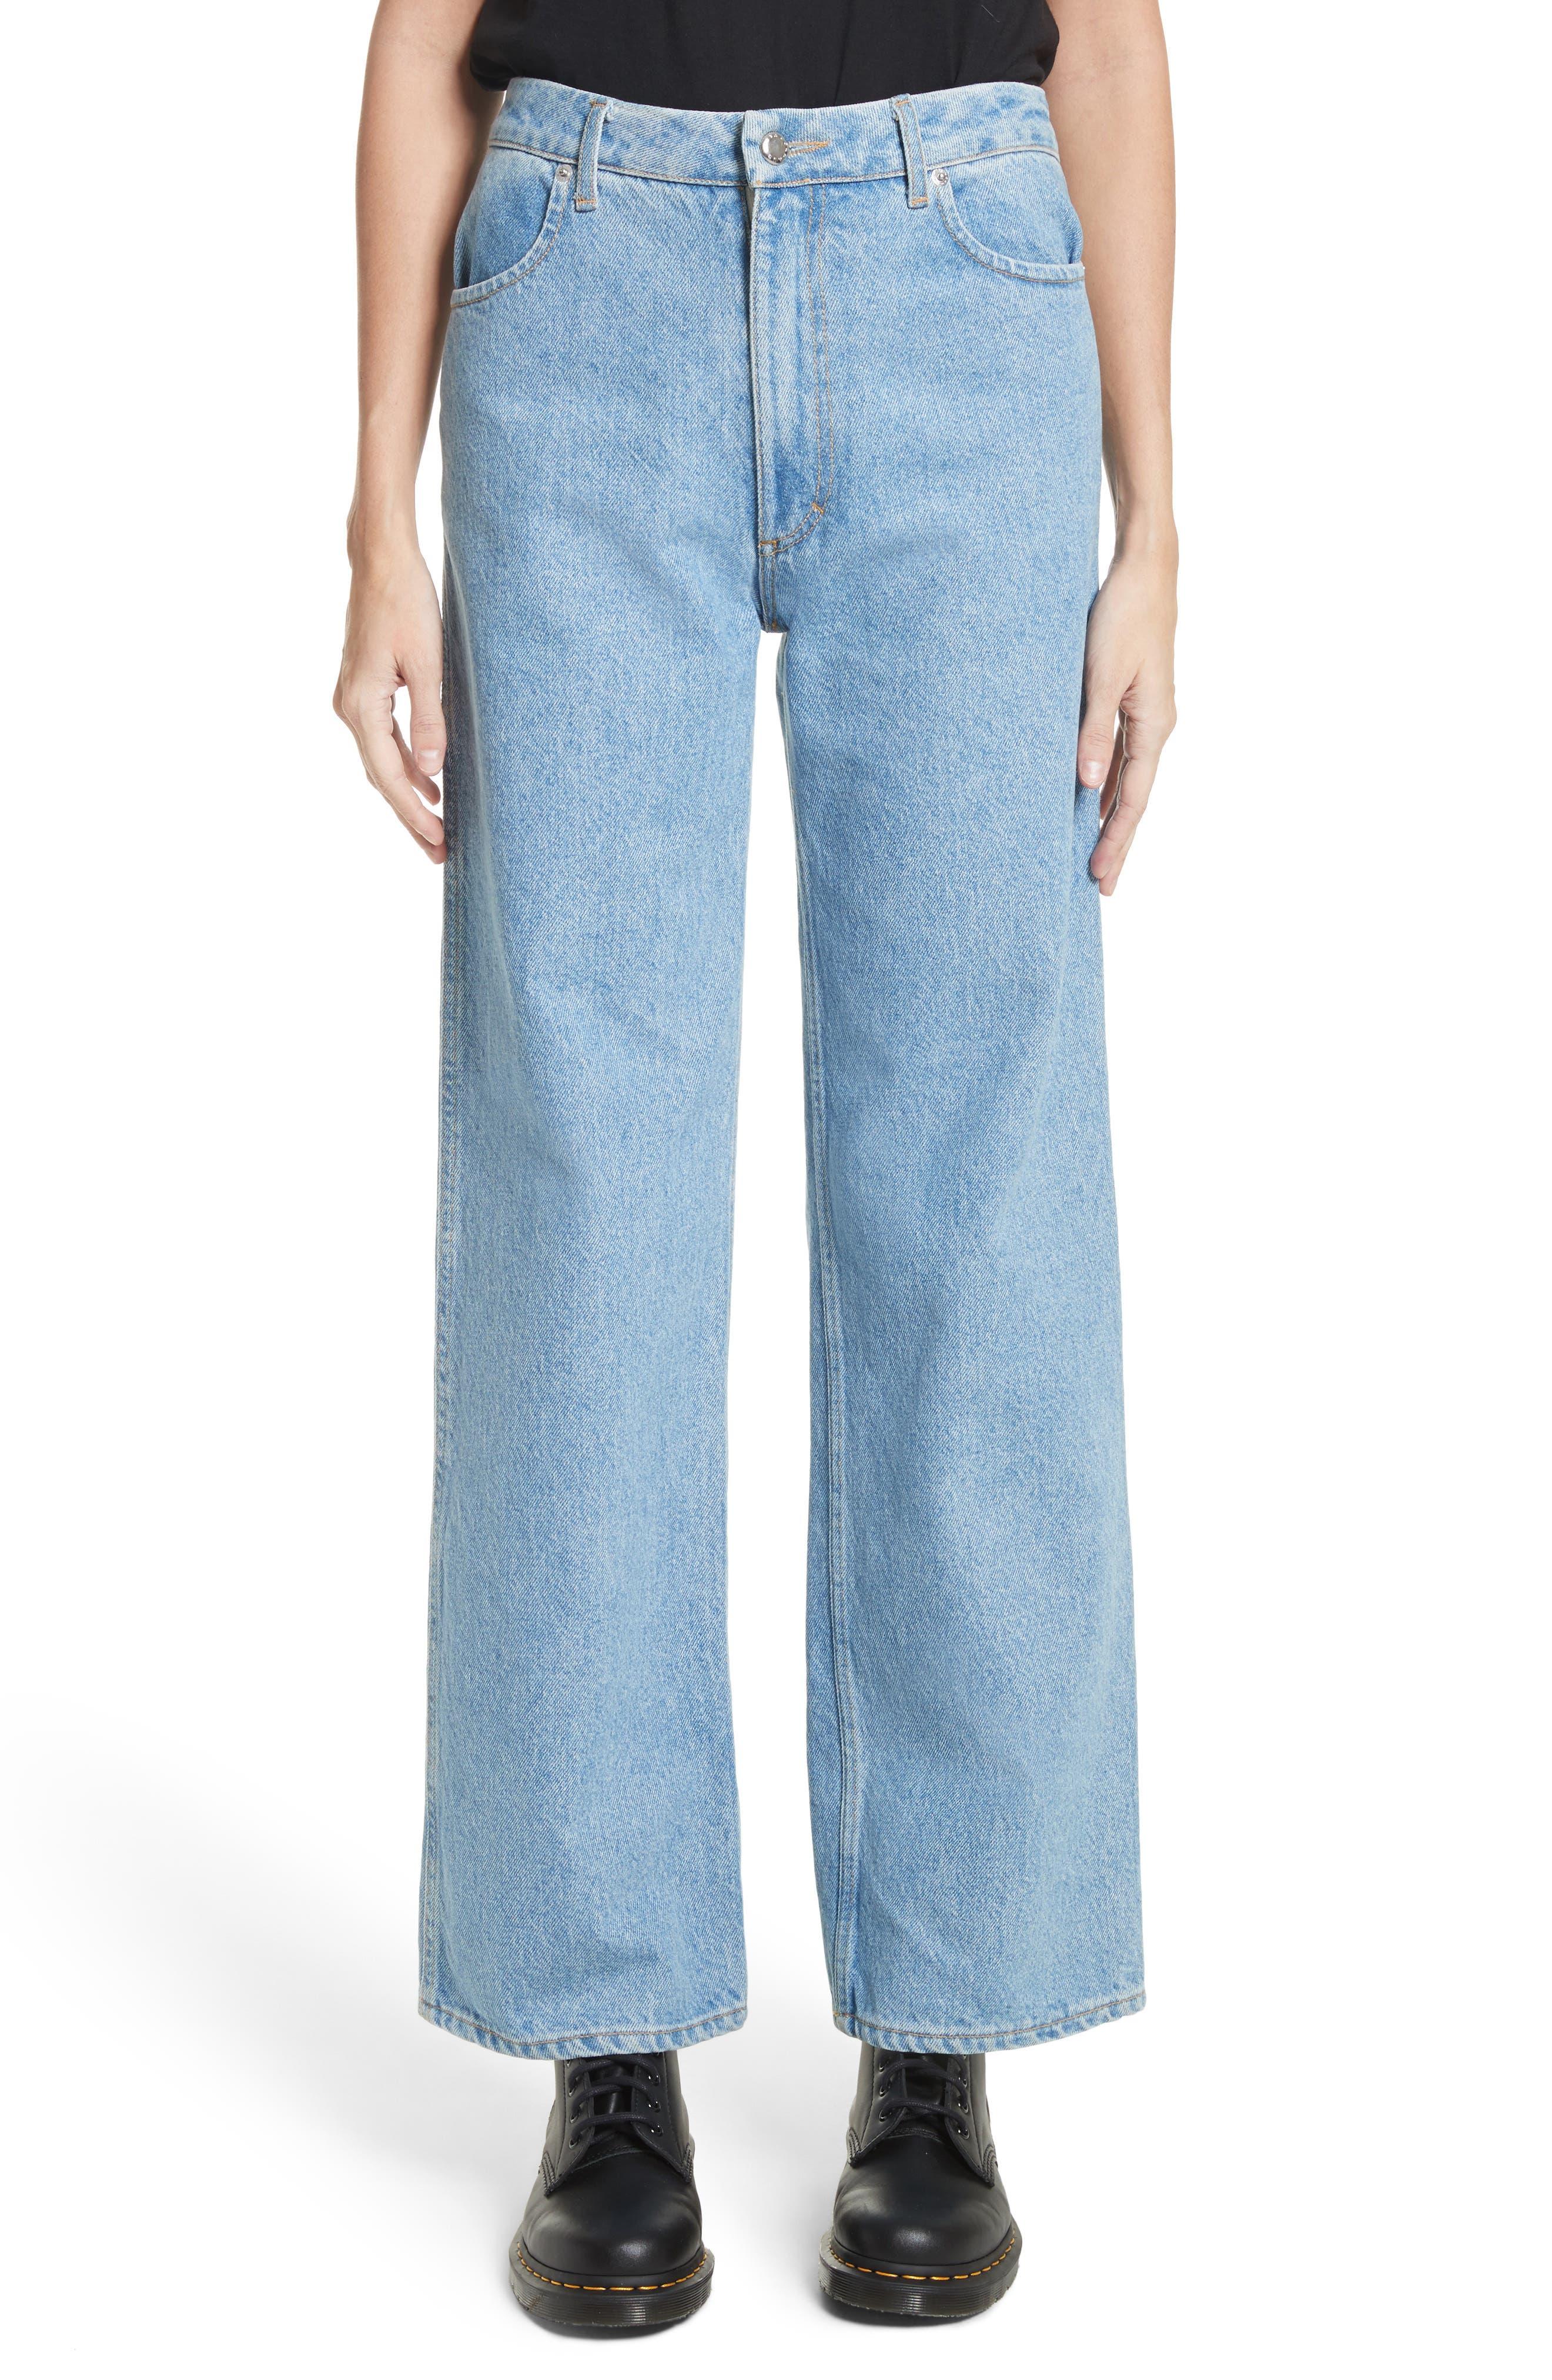 EL Wide Leg Jeans,                         Main,                         color, 400